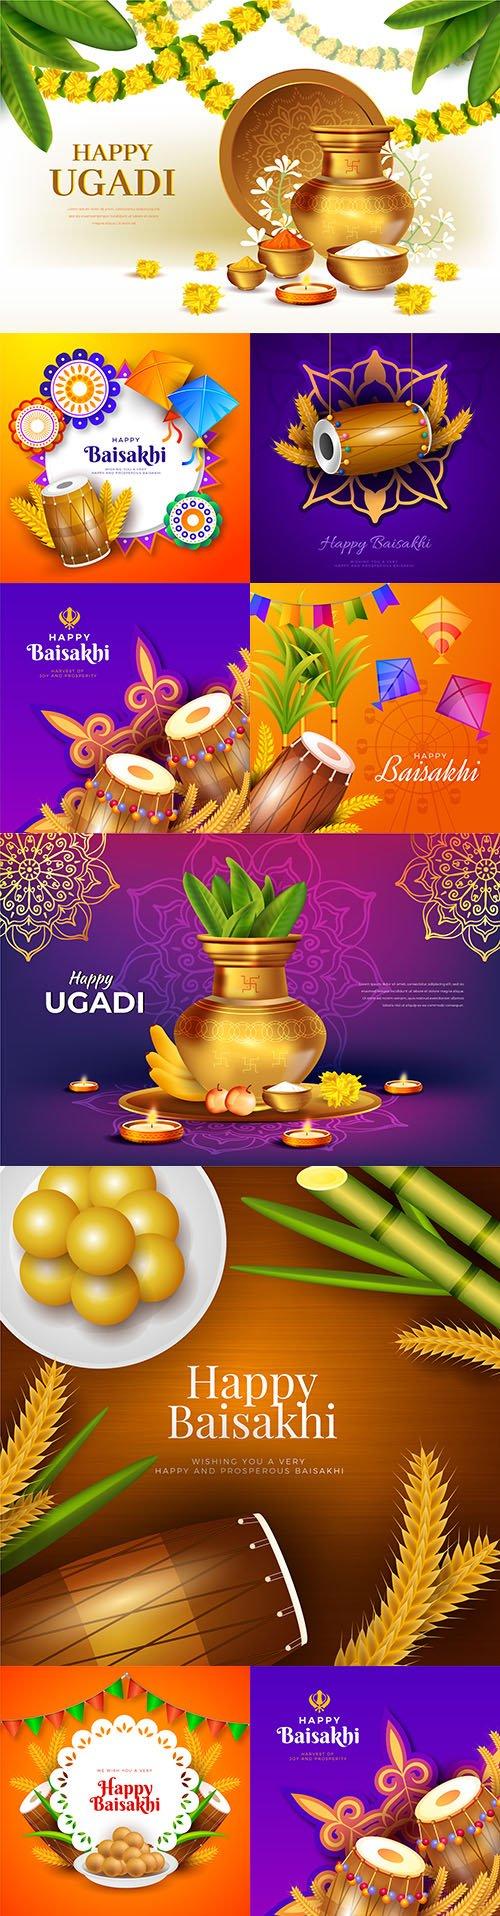 Happy Baisakhi and Ugadi festivat design illustrations